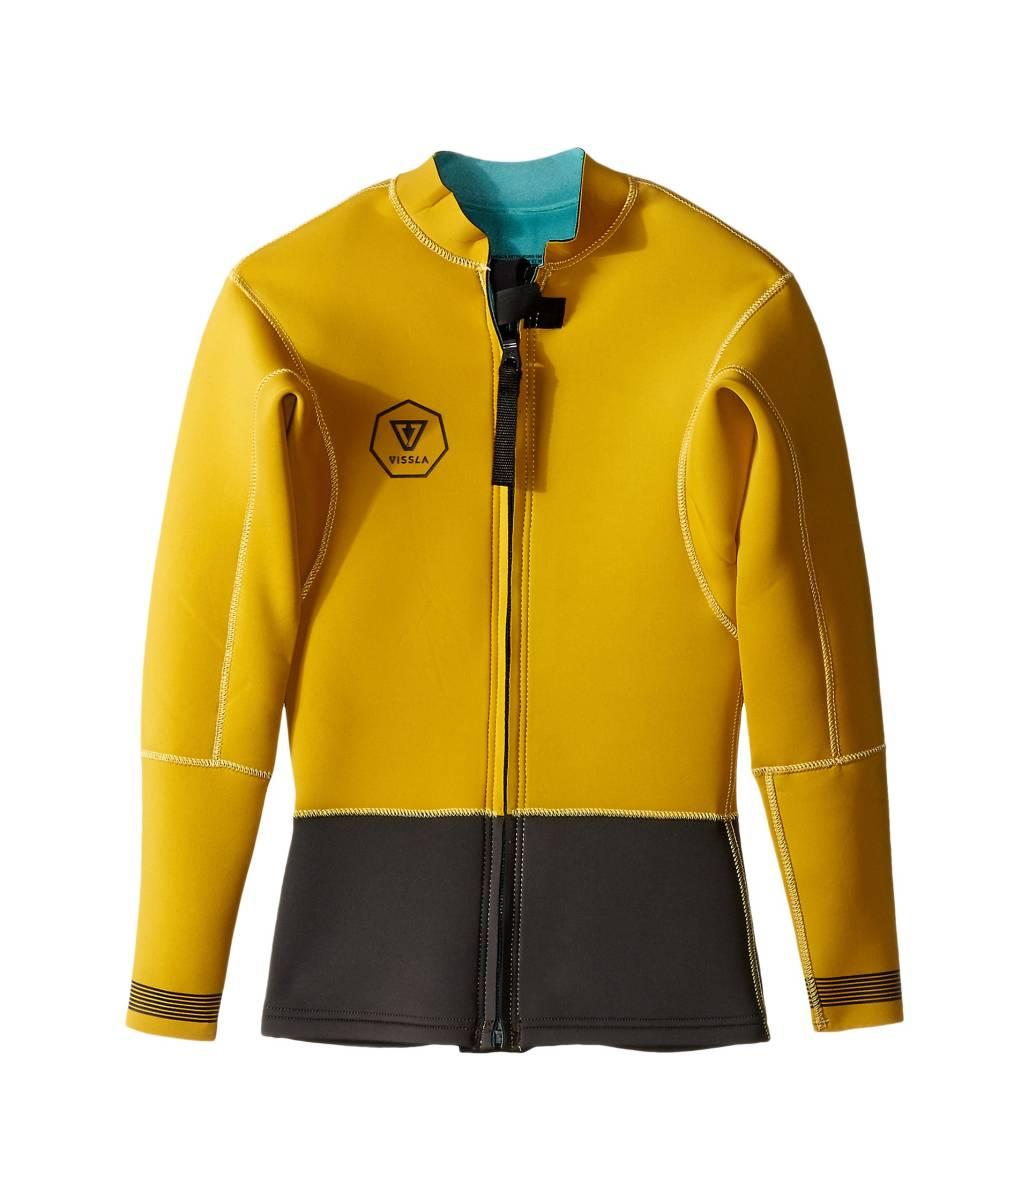 新品 VISSLA ヴィスラ 2mm Gold Size:M VISSLA Wetsuit Jacket Front Zip Gold_裏地は、空色でなく黒となります。